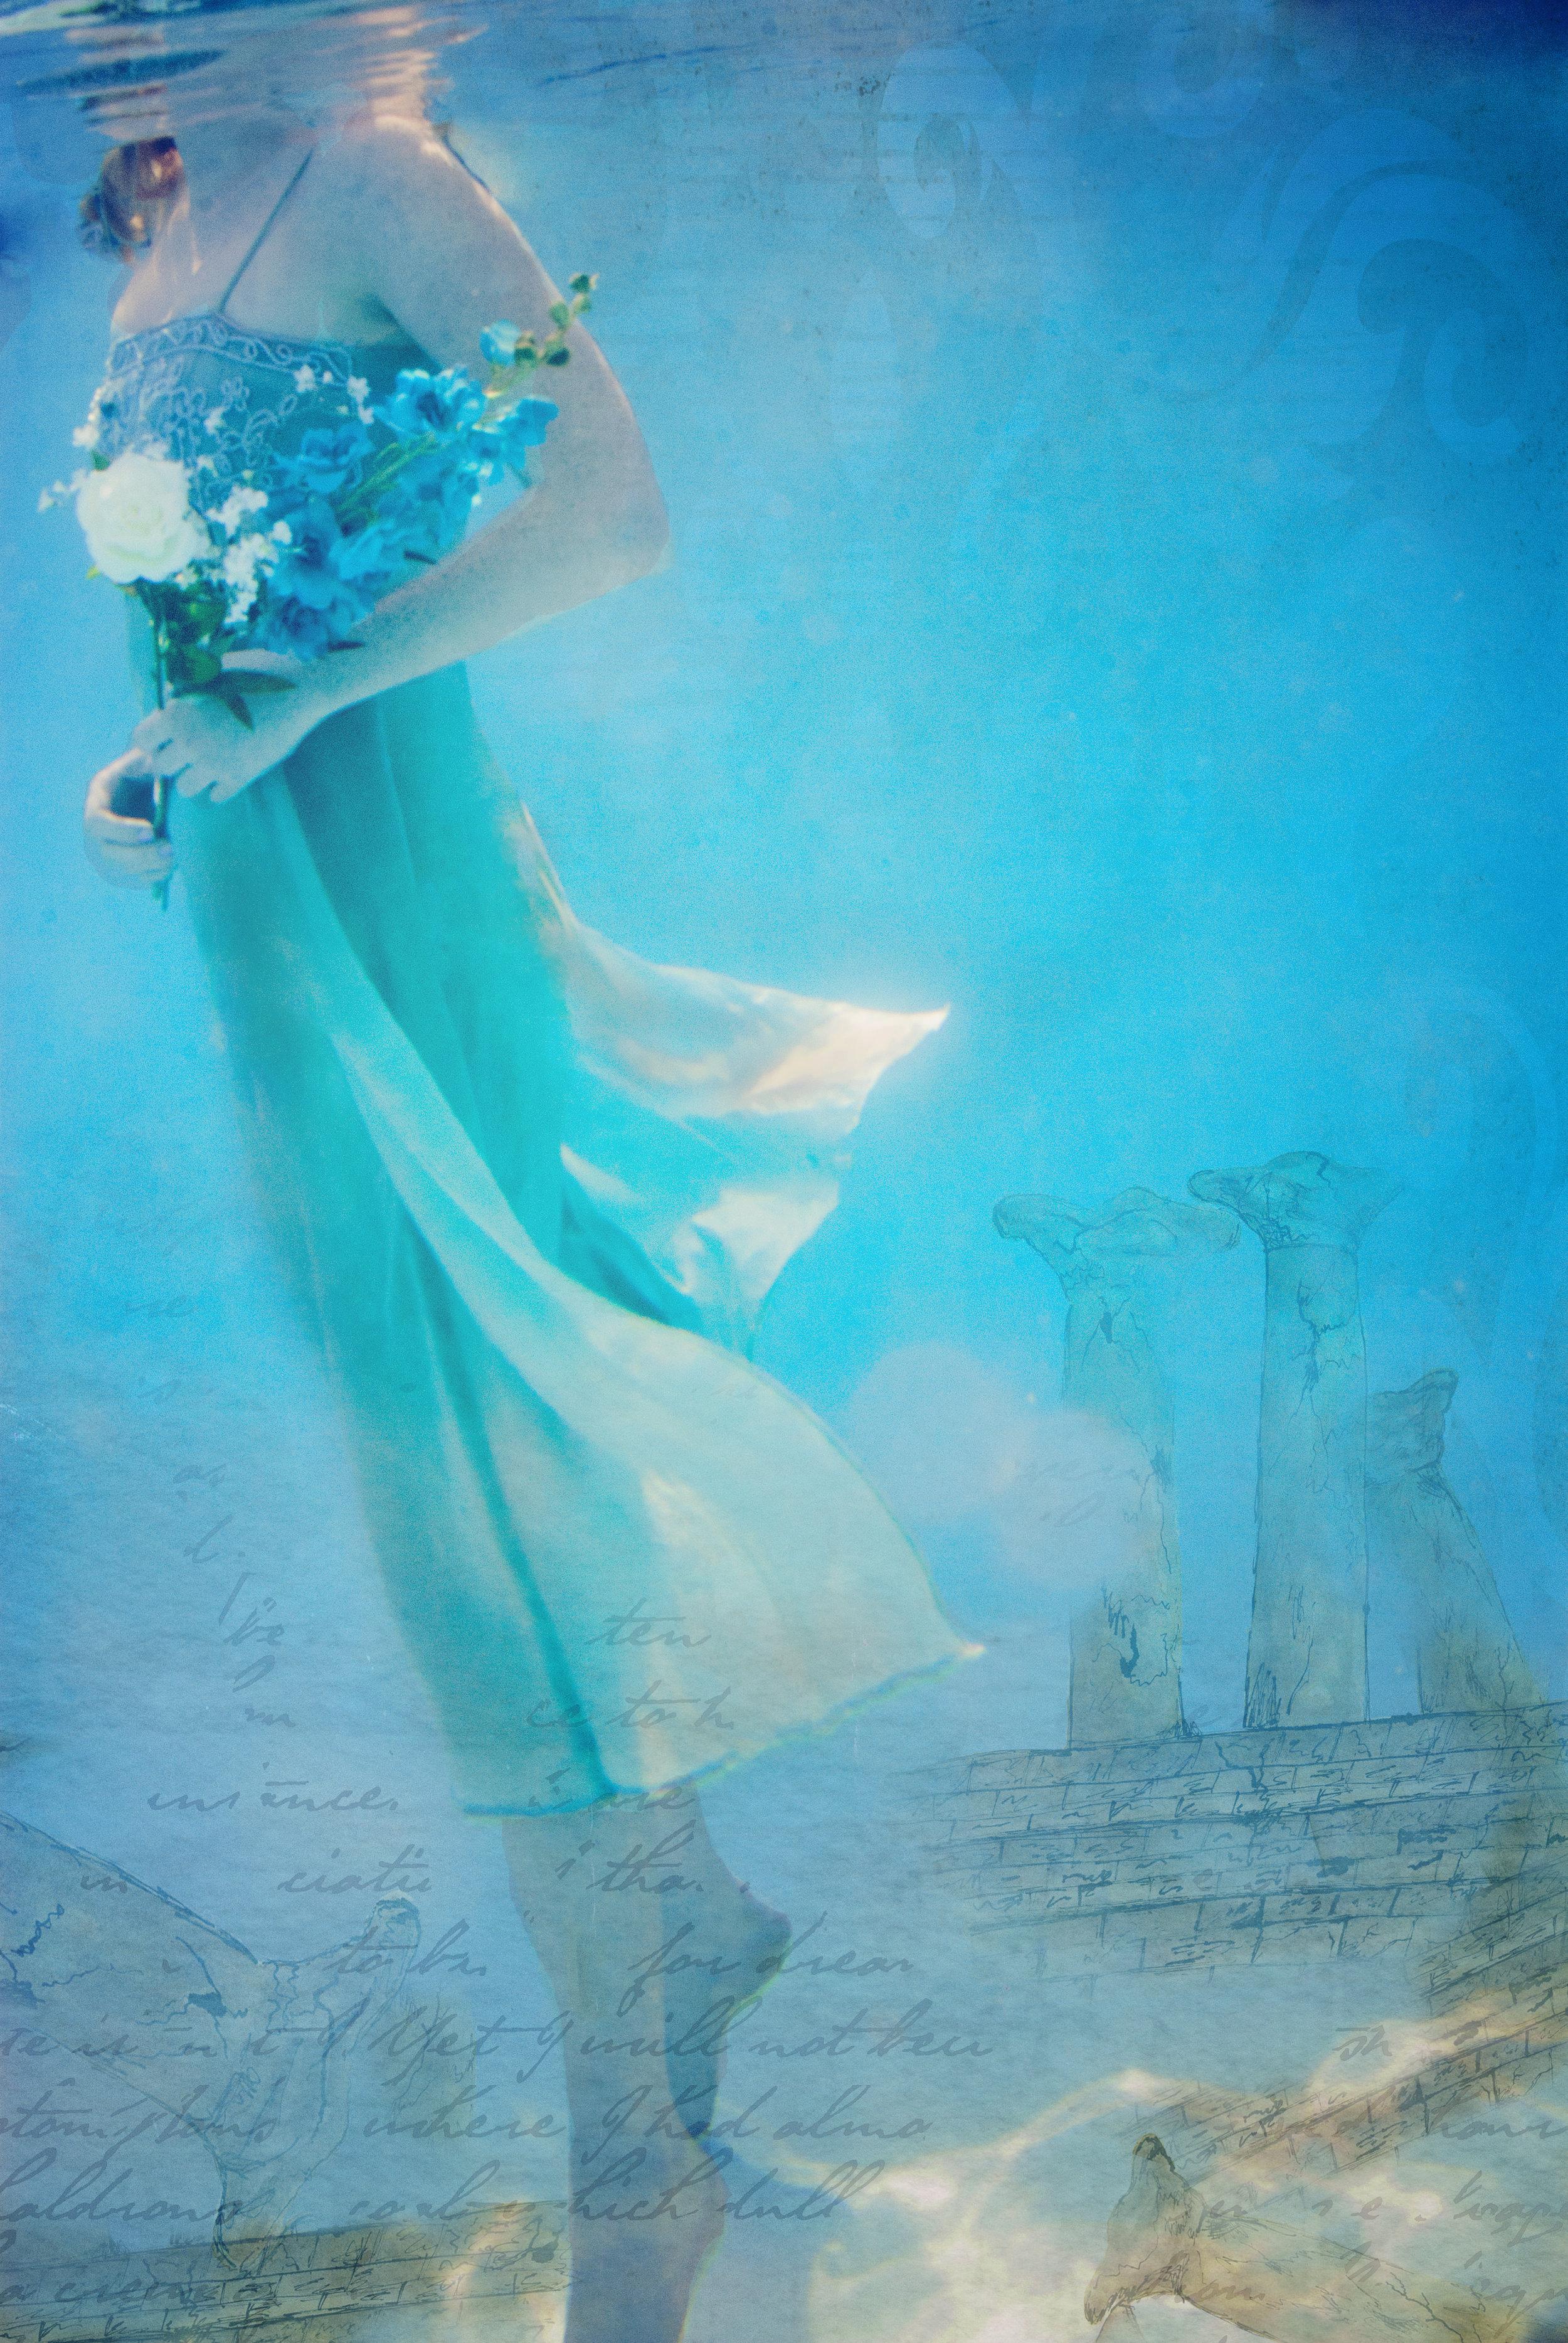 ophelia artwork-atlantis 2.jpg